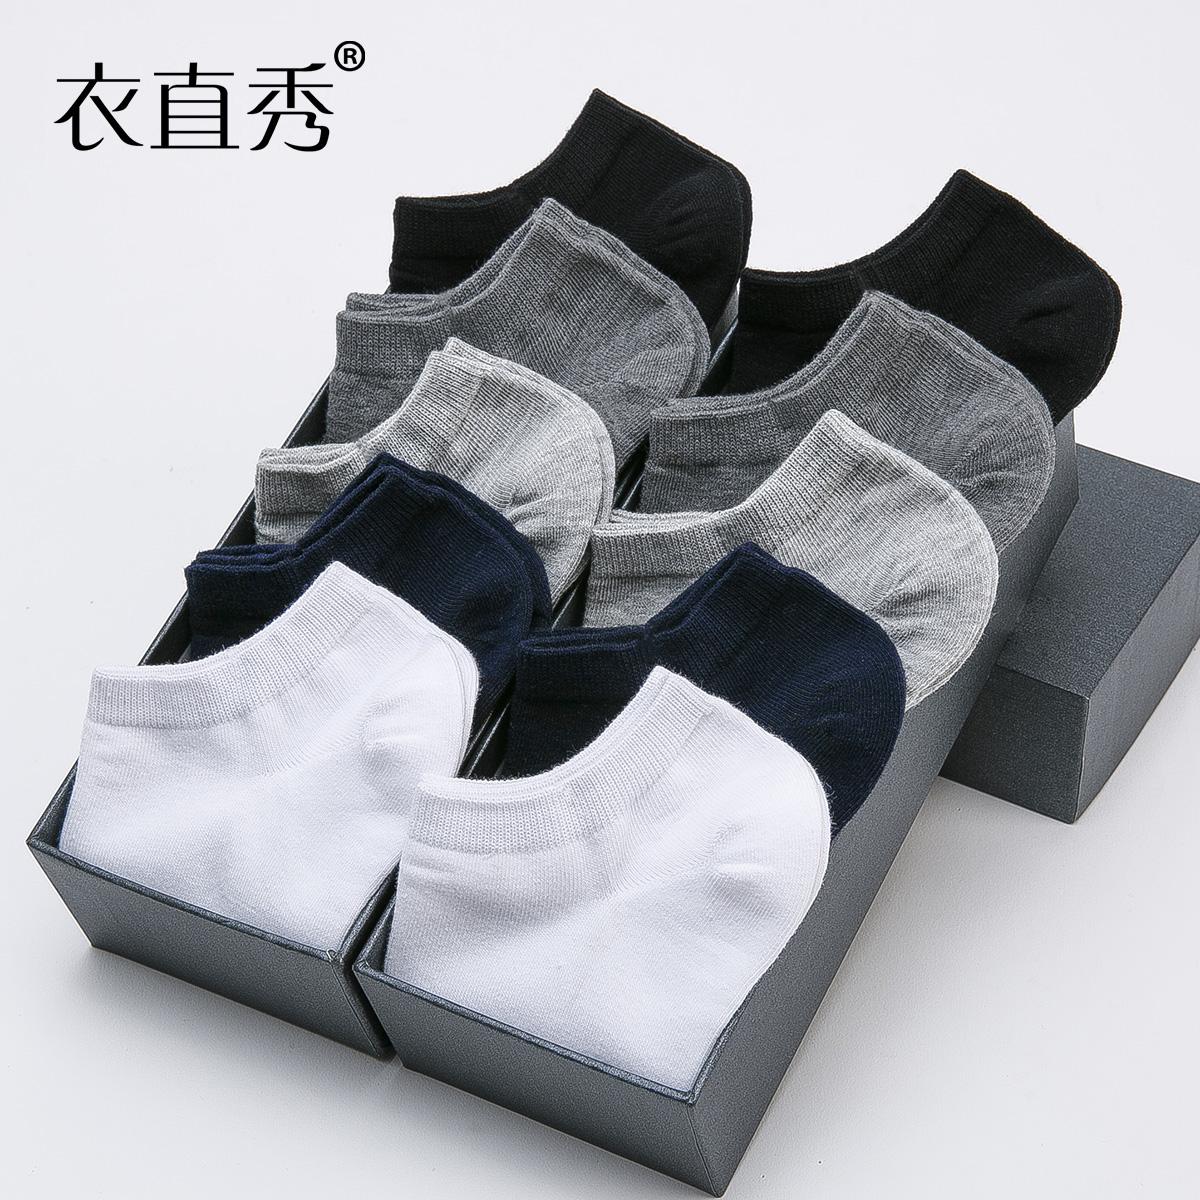 袜子男短袜夏季薄款纯棉男袜防臭吸汗运动袜低帮浅口隐形男士船袜